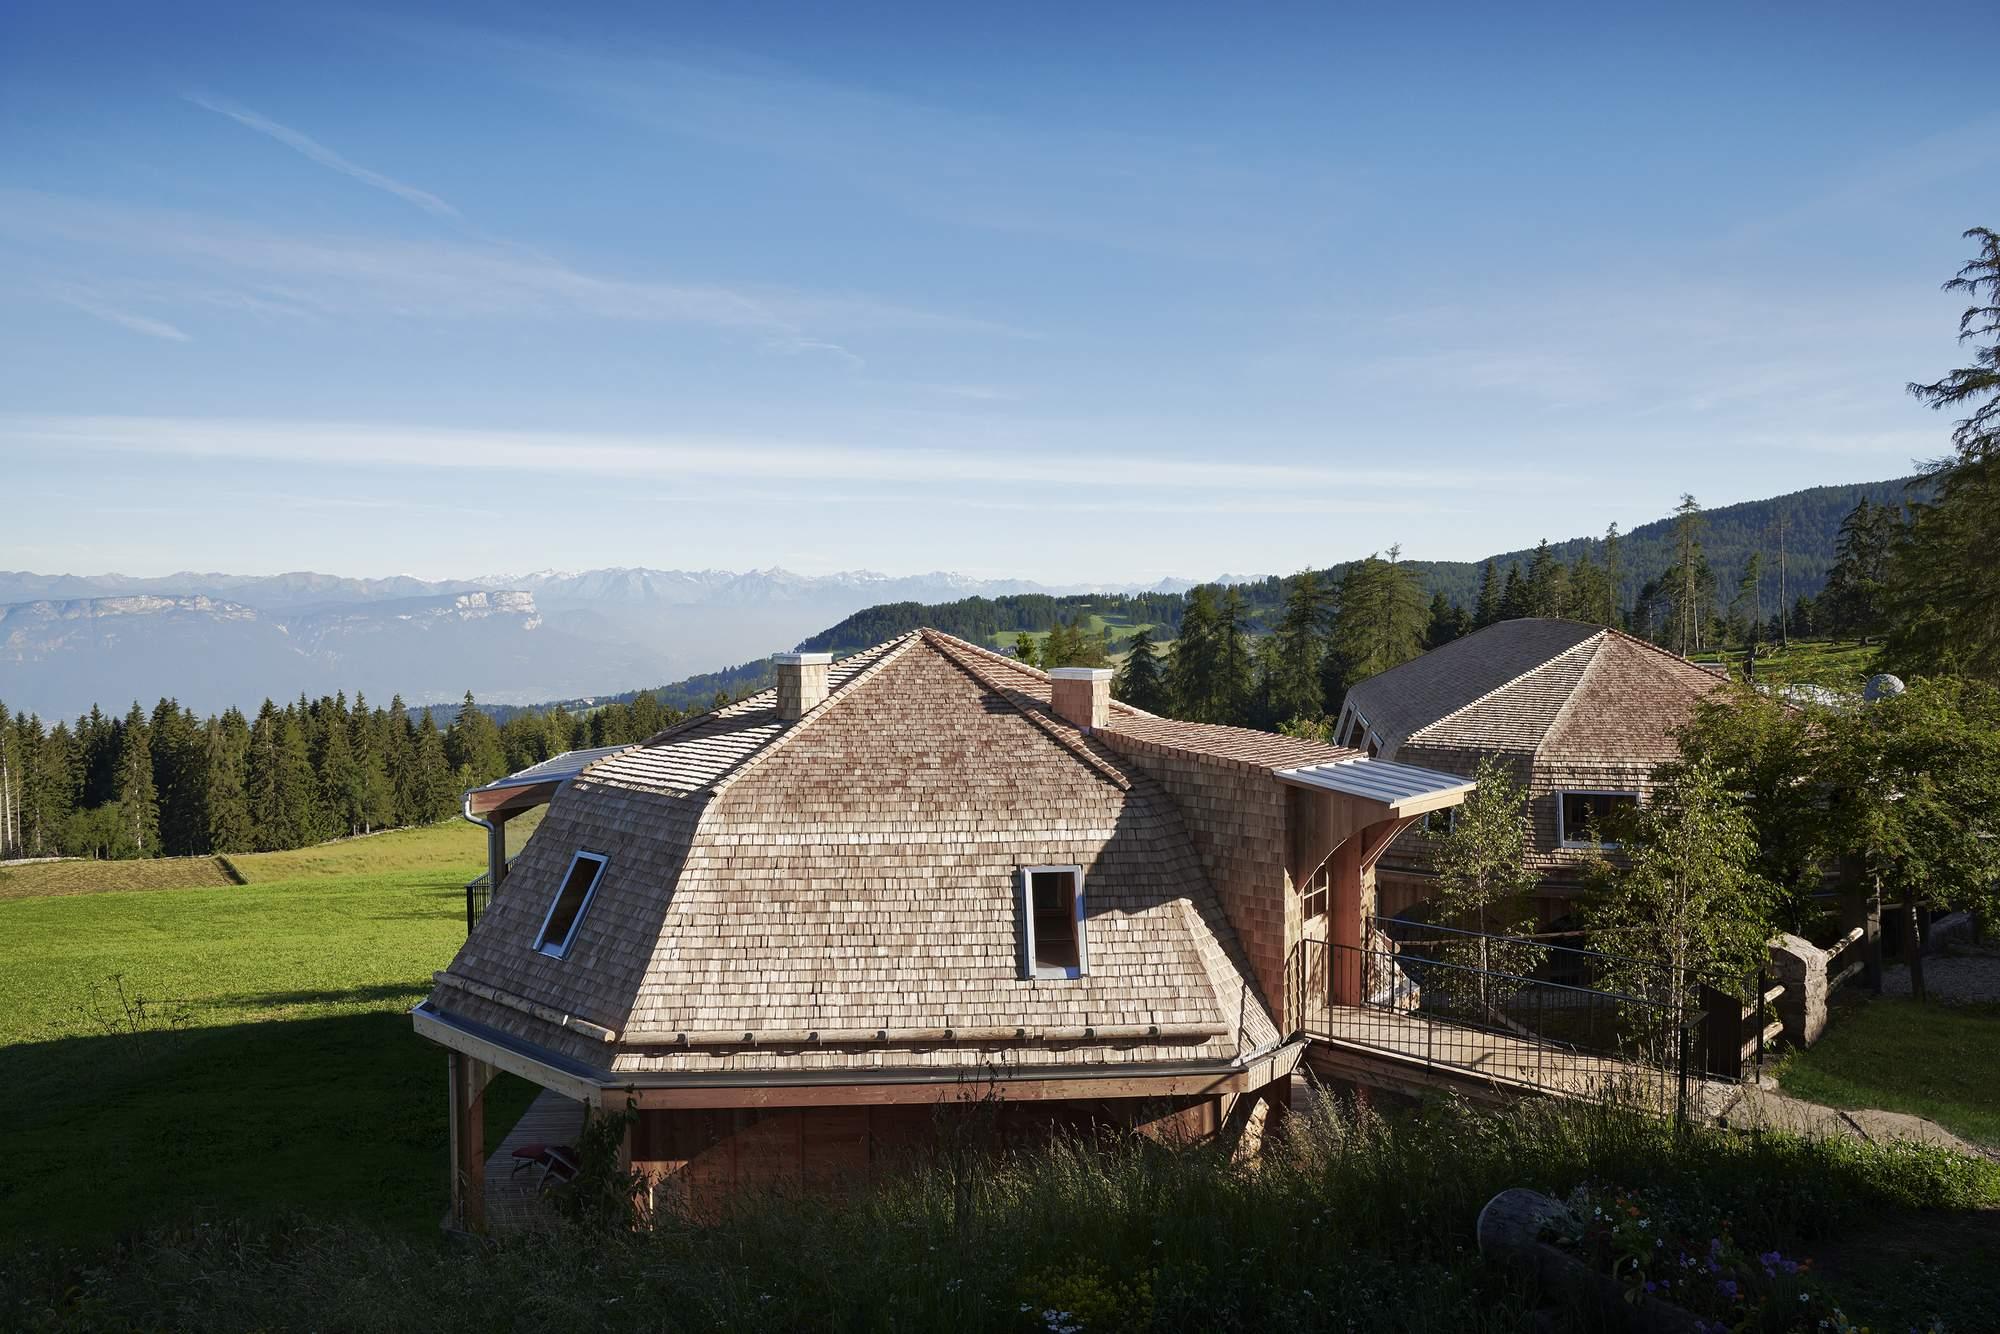 «Дома на пастбище» - яркие скульптурные объекты отеля Zirmerhof, Италия